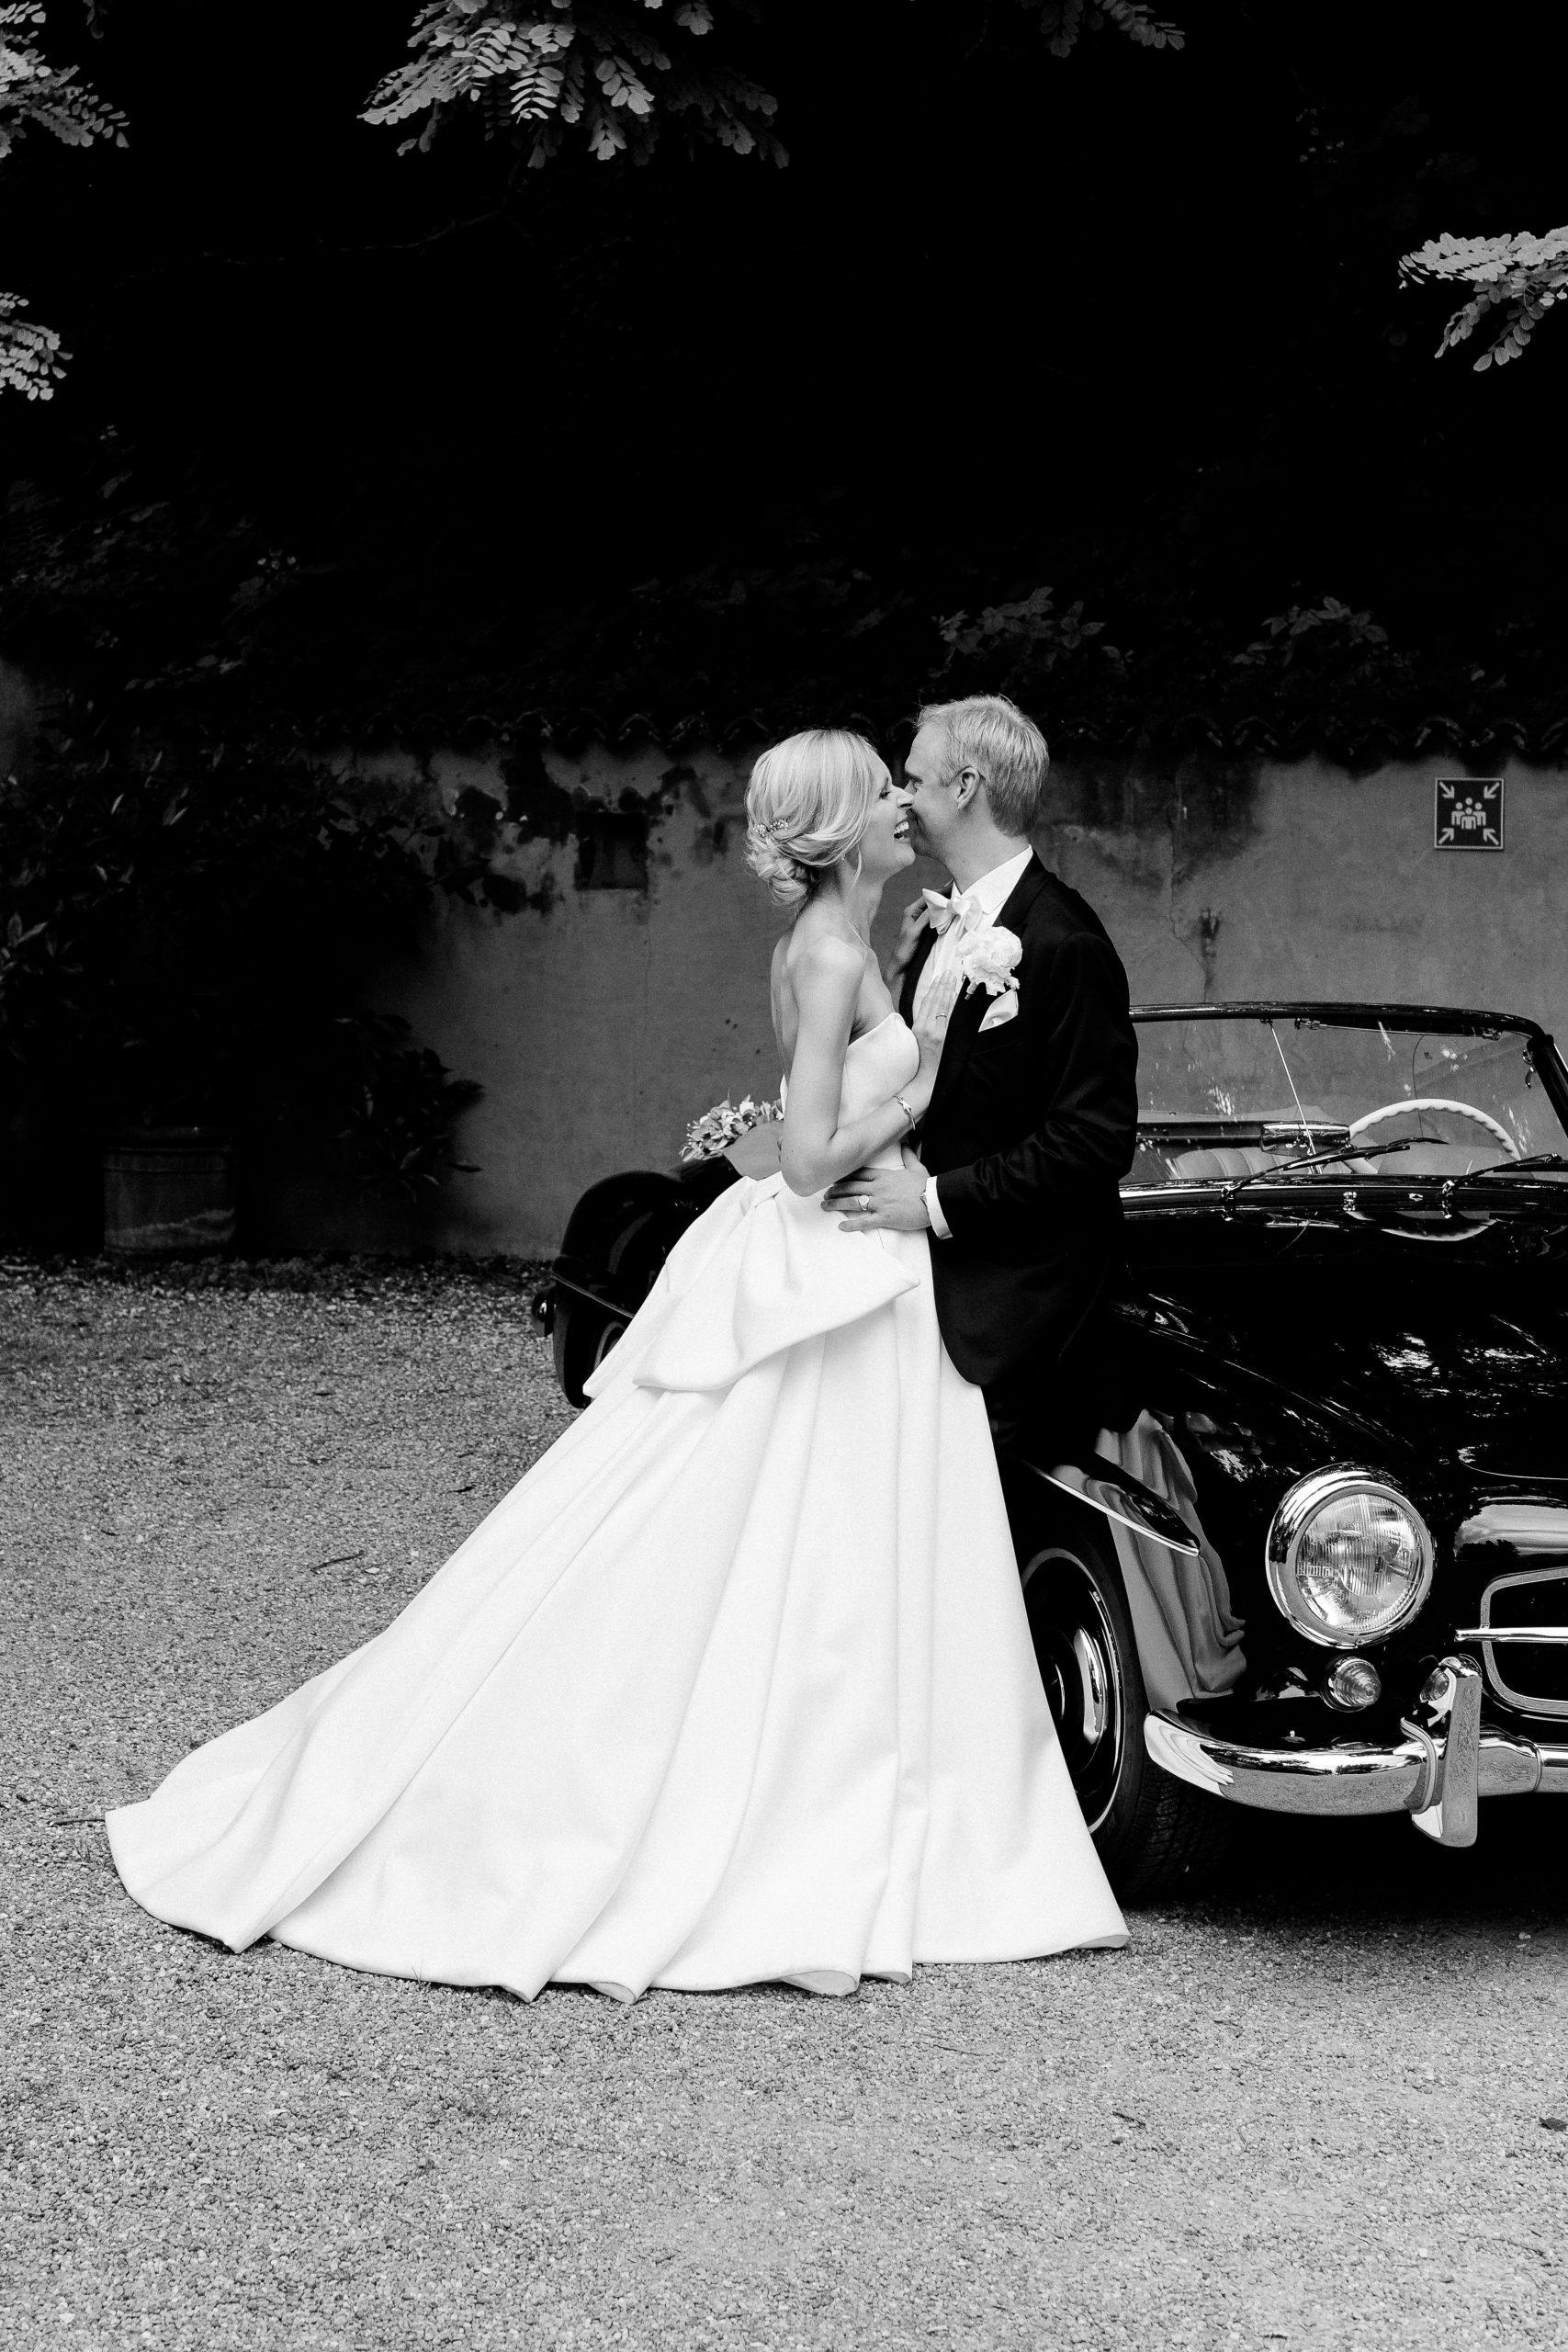 Braut und Bräutigam, Hochzeitstag, Wedding Day, Just Married